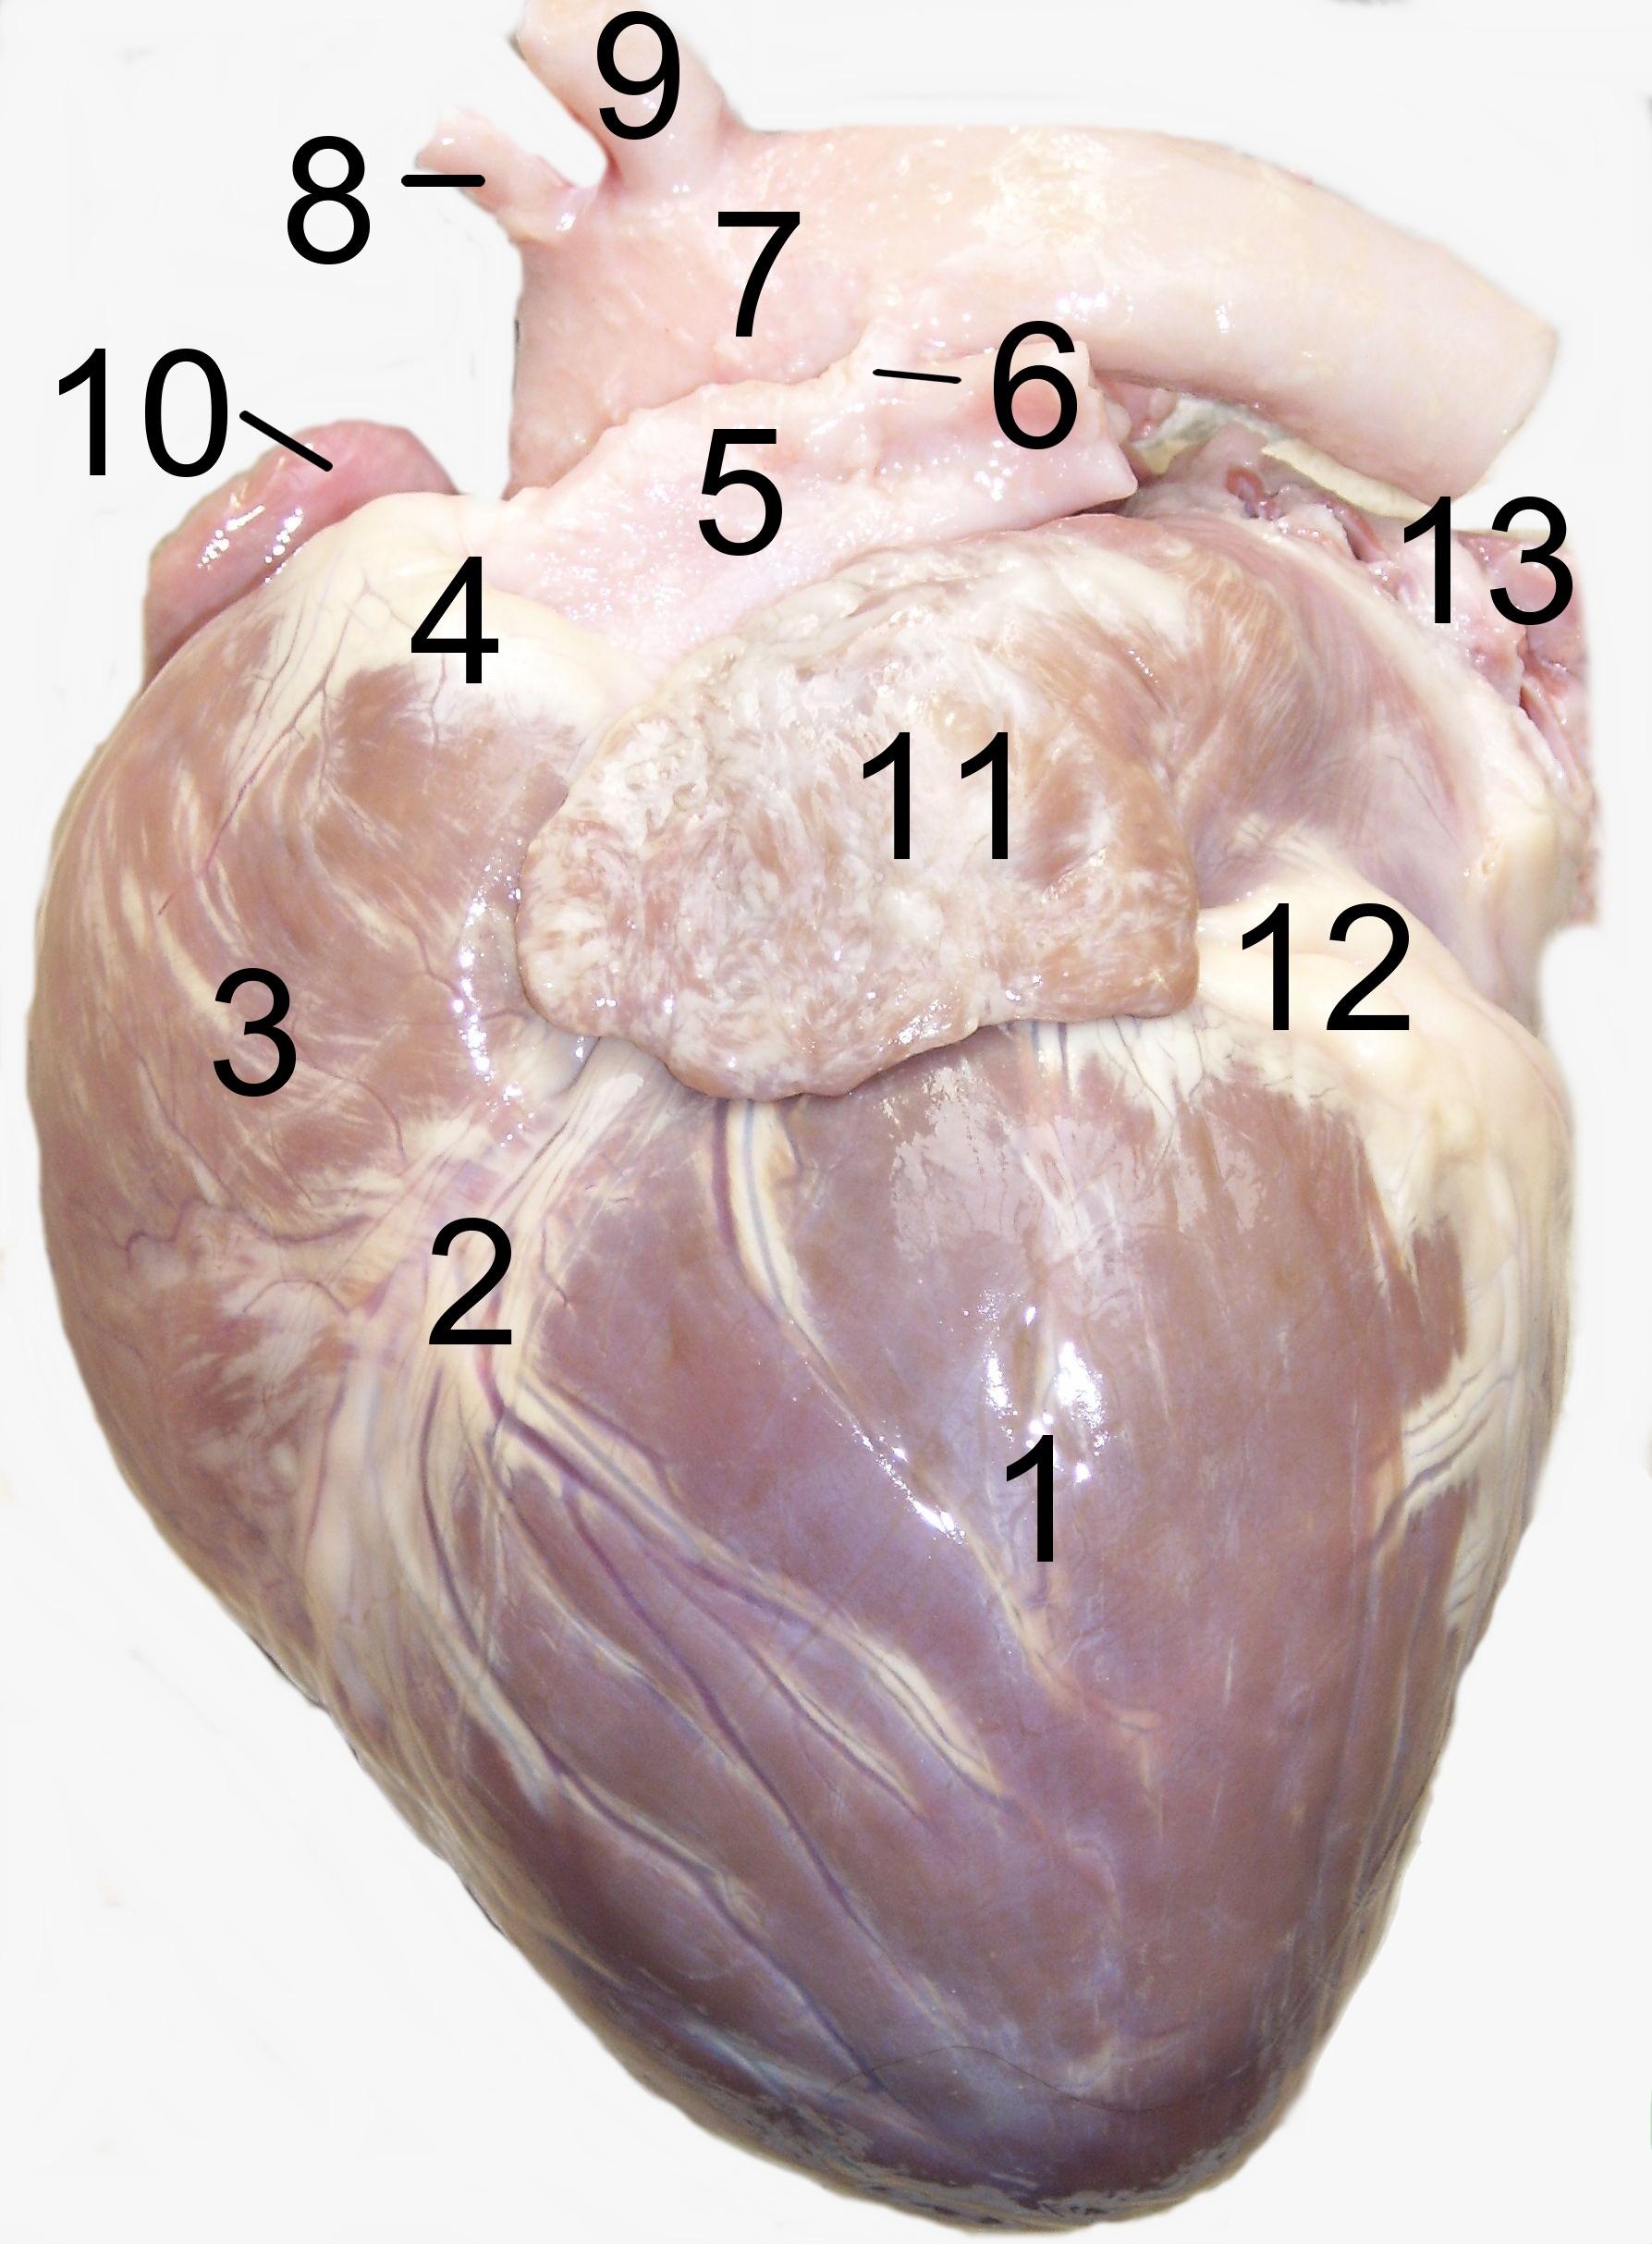 Dog heart 2.jpg